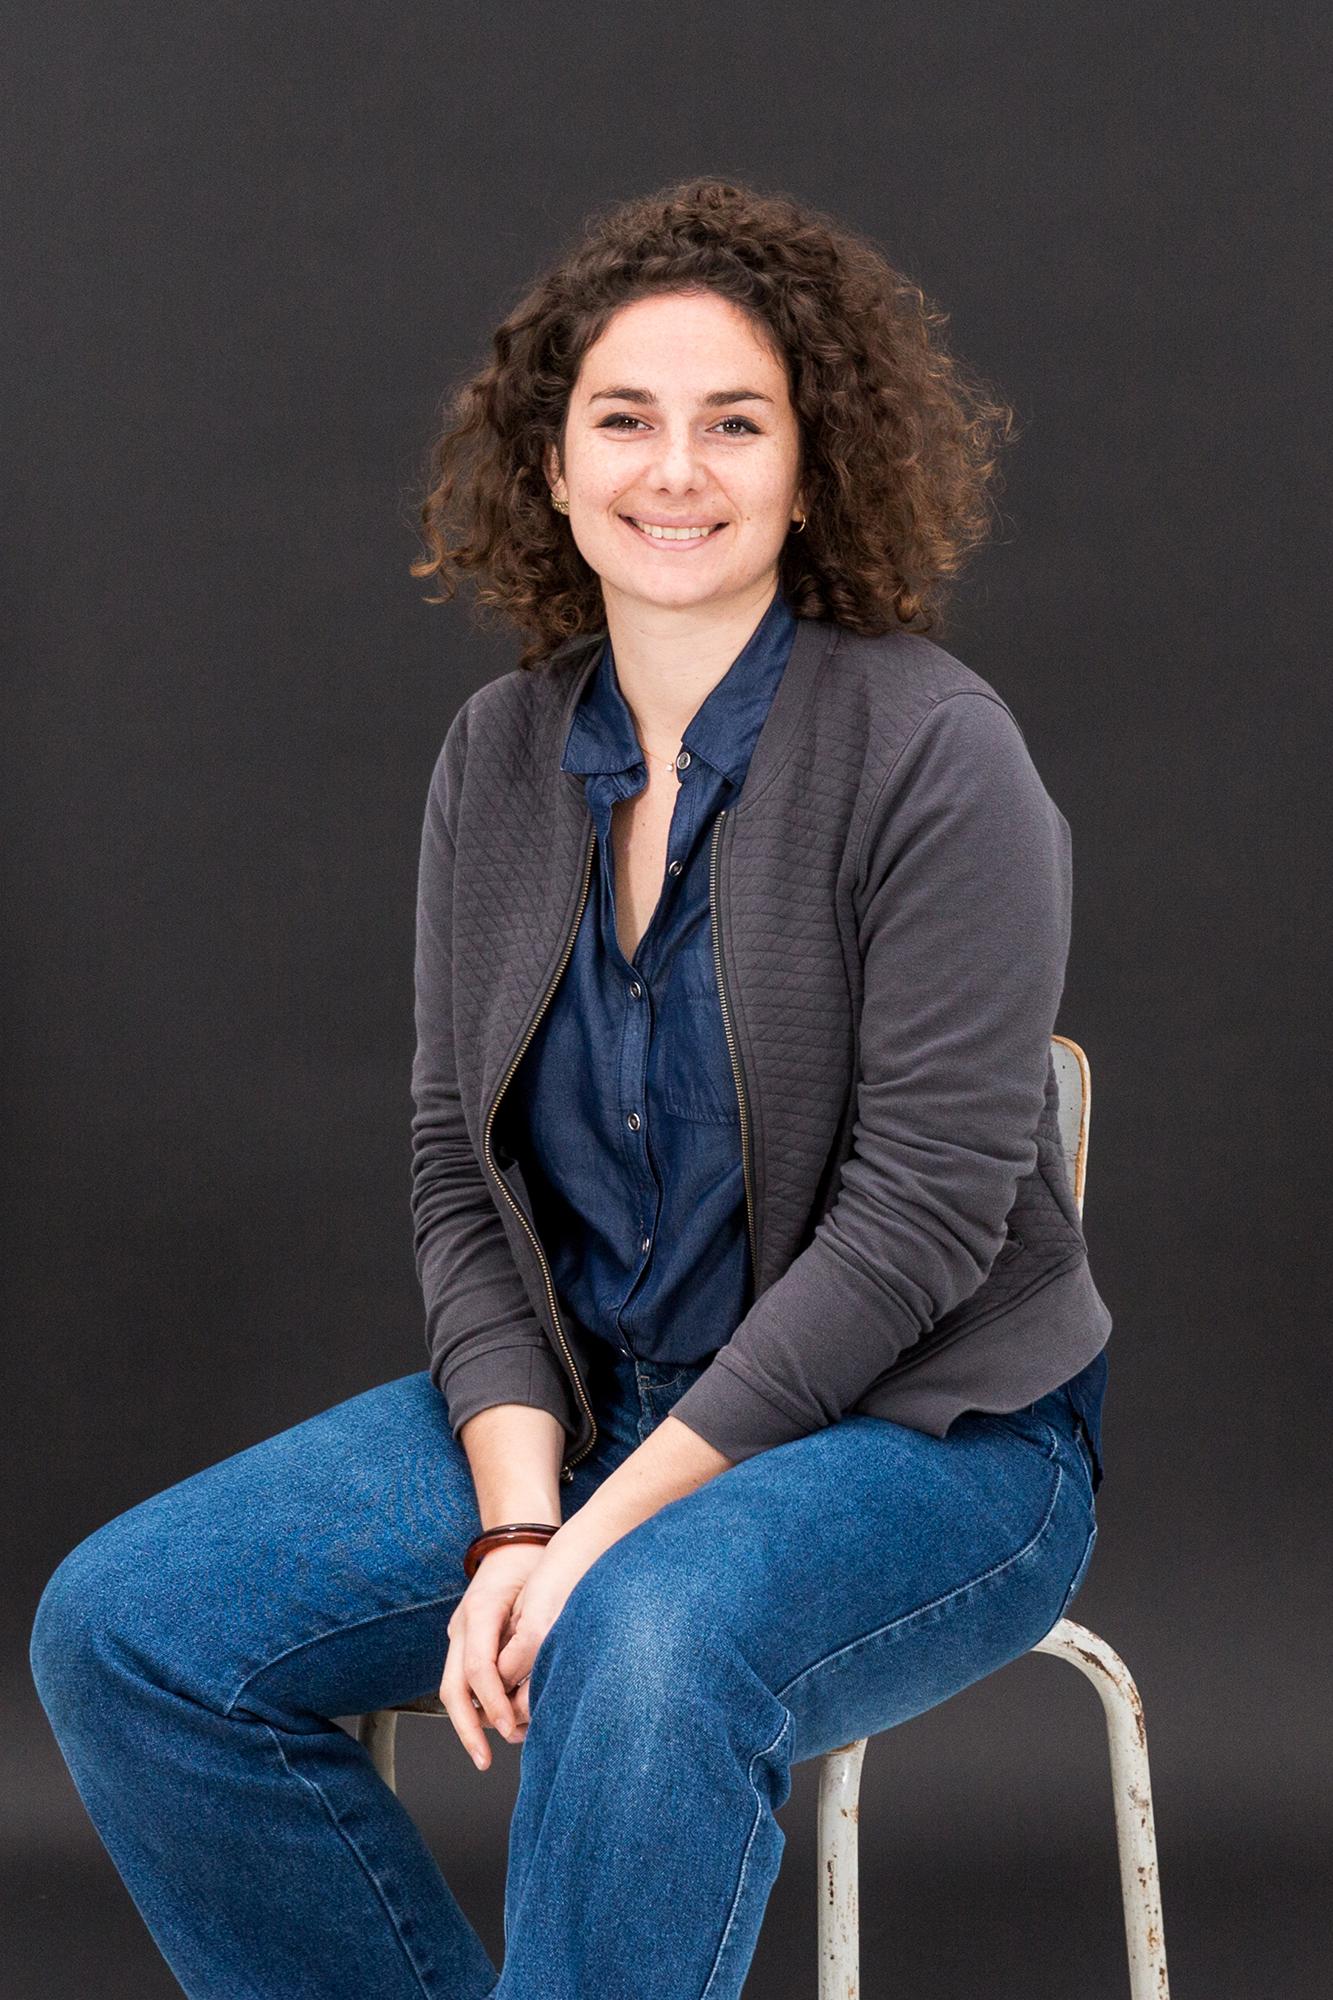 Portrait d'une employée sur une chaise devant un fond noir